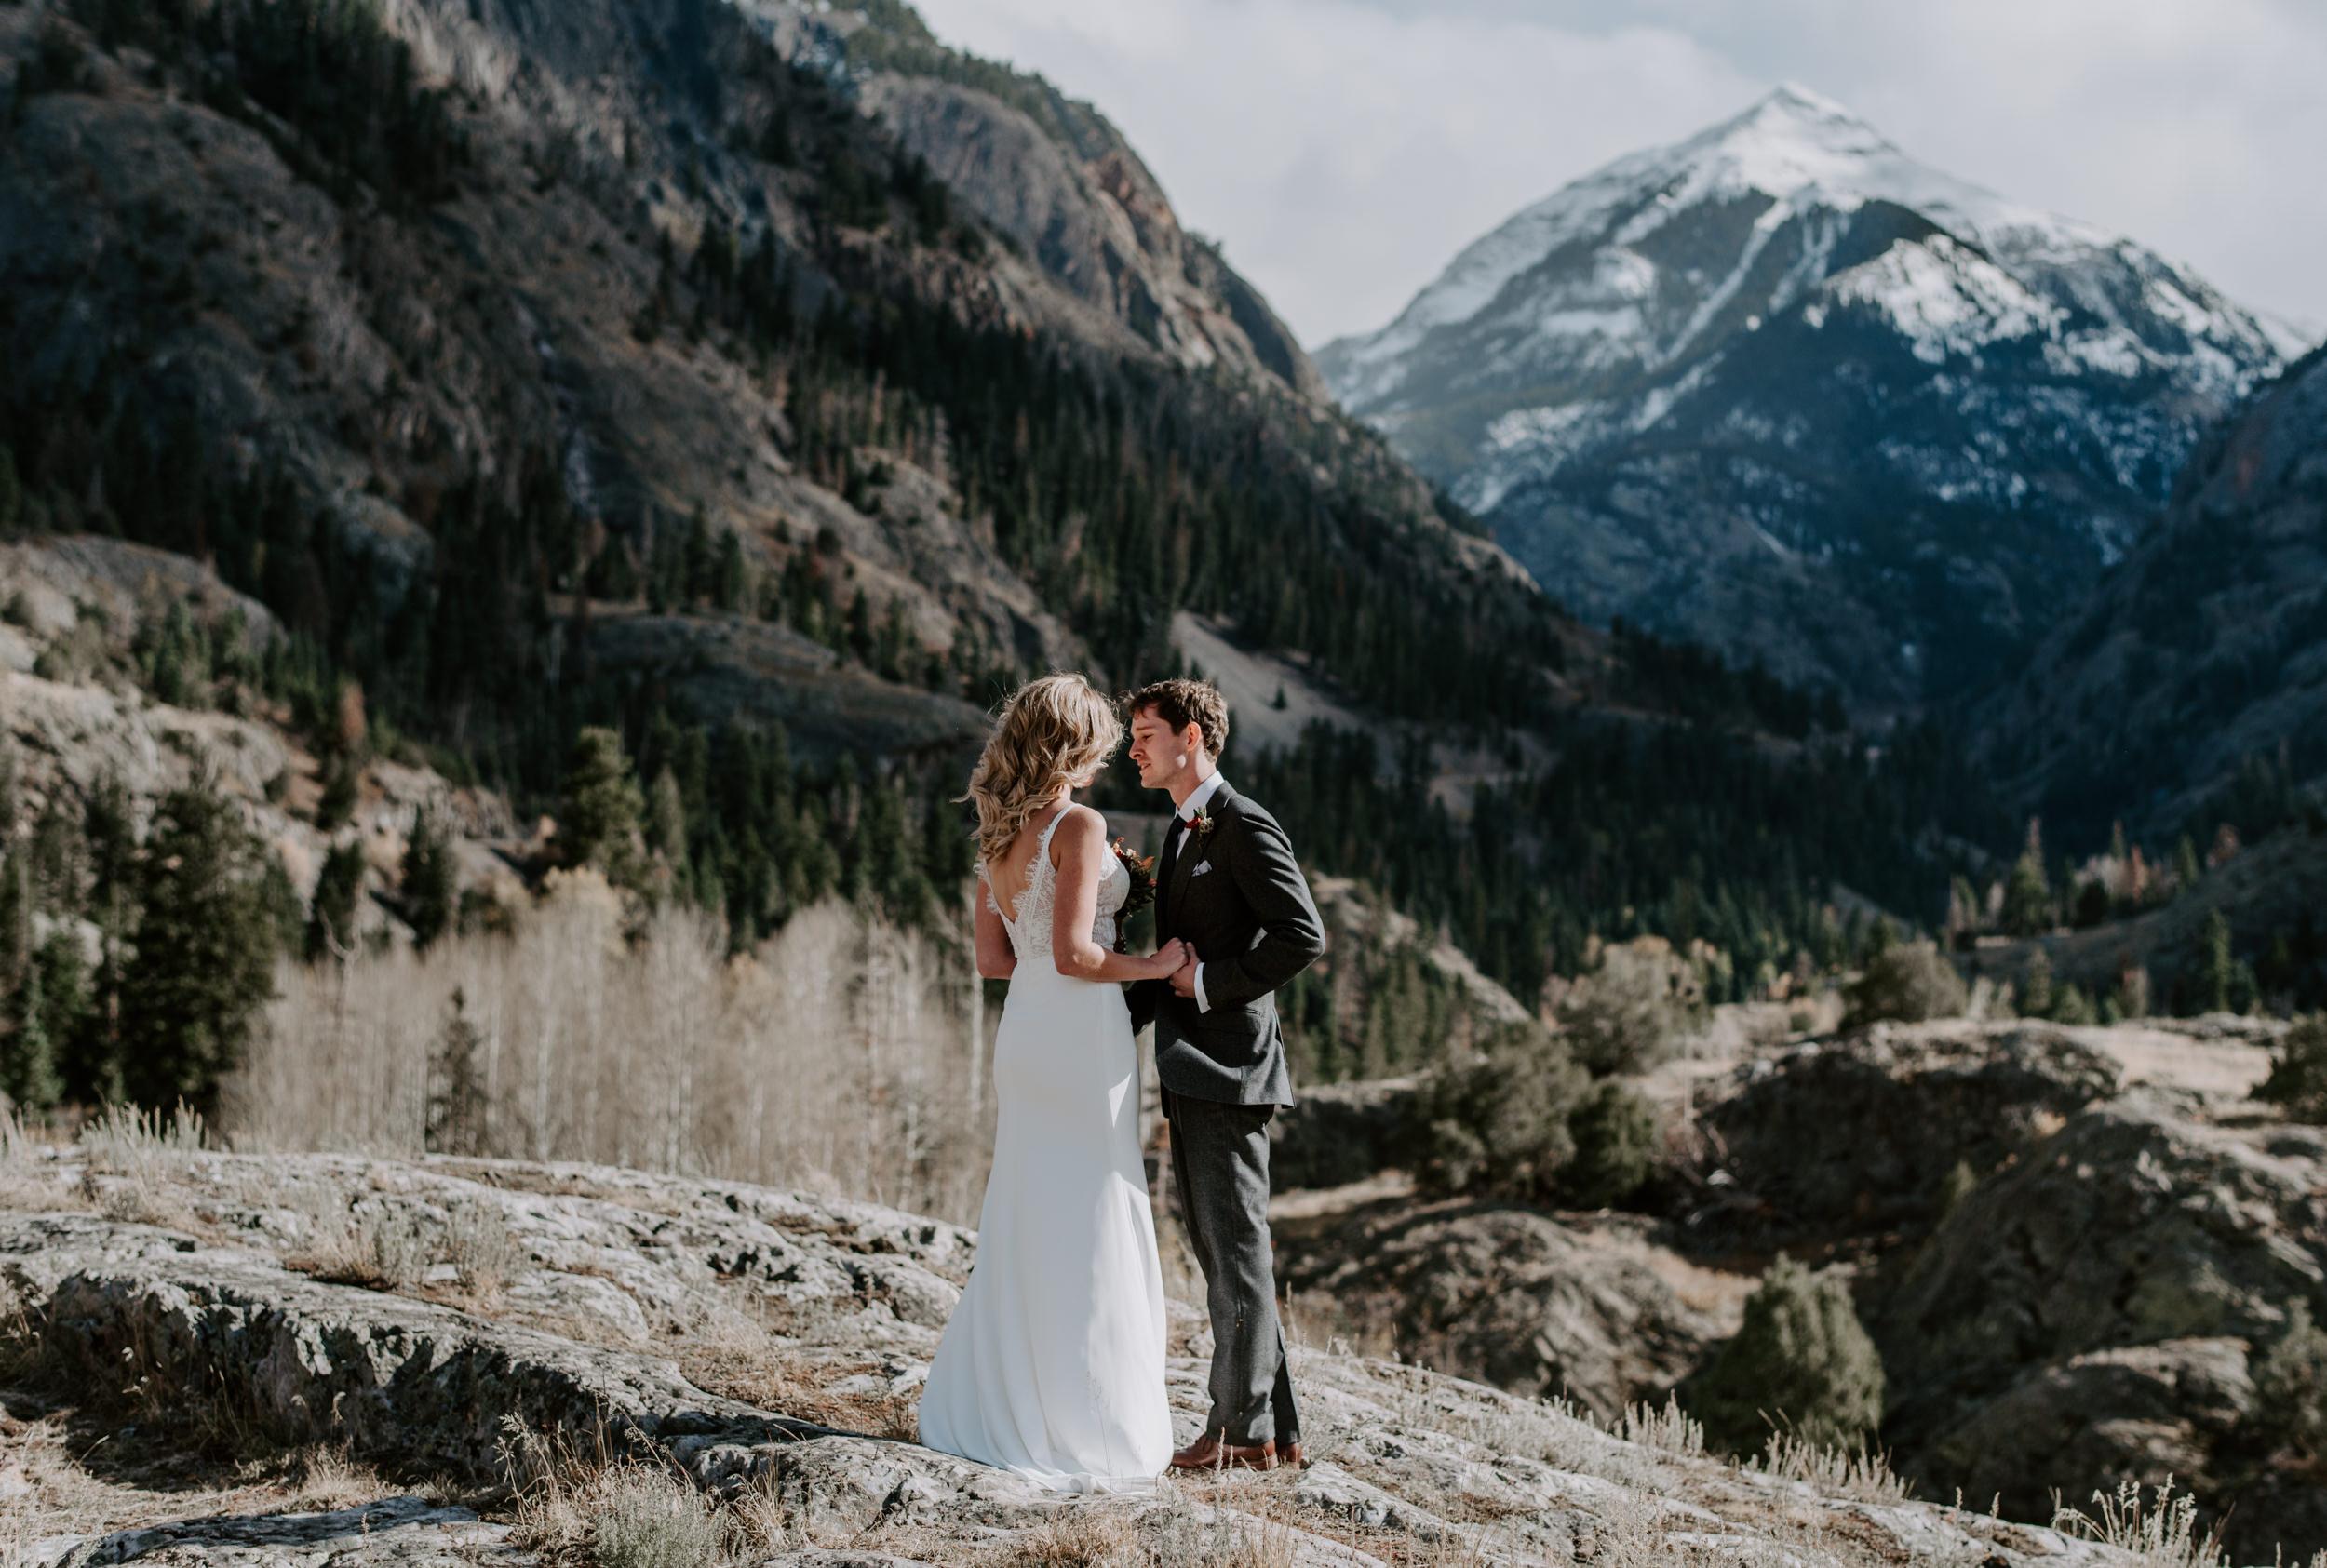 Hiking mountain elopement in Colorado. Ouray, Colorado wedding photographer.